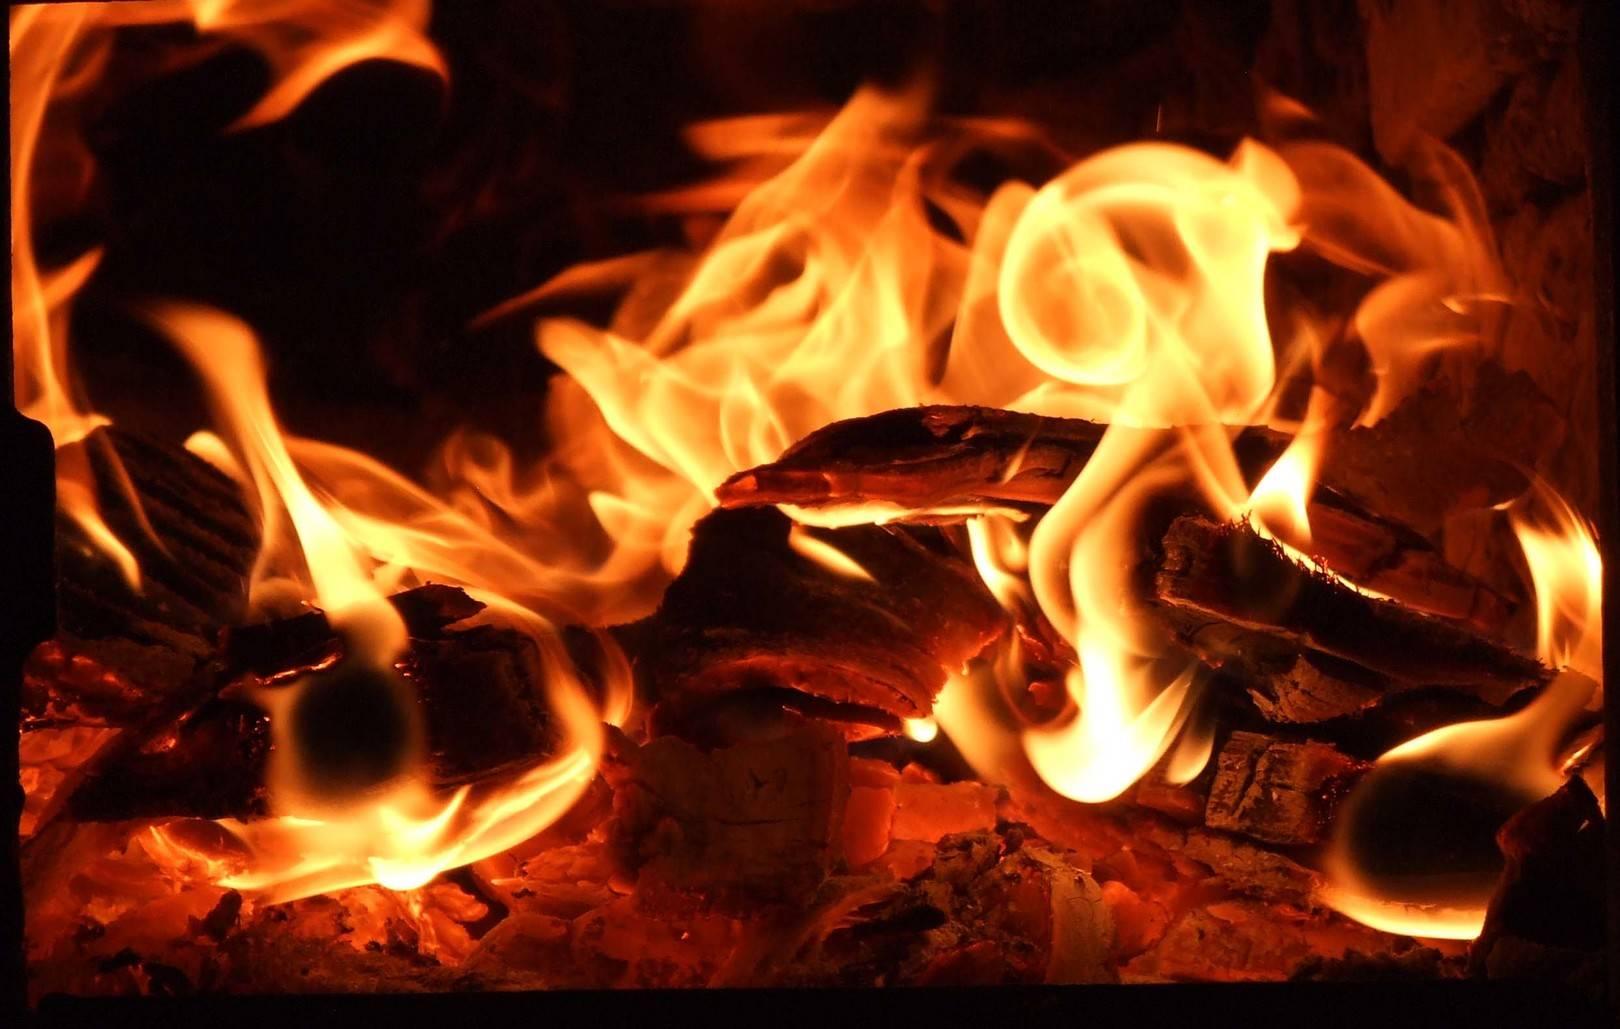 Желание-Образы огня.Маска.Русалка